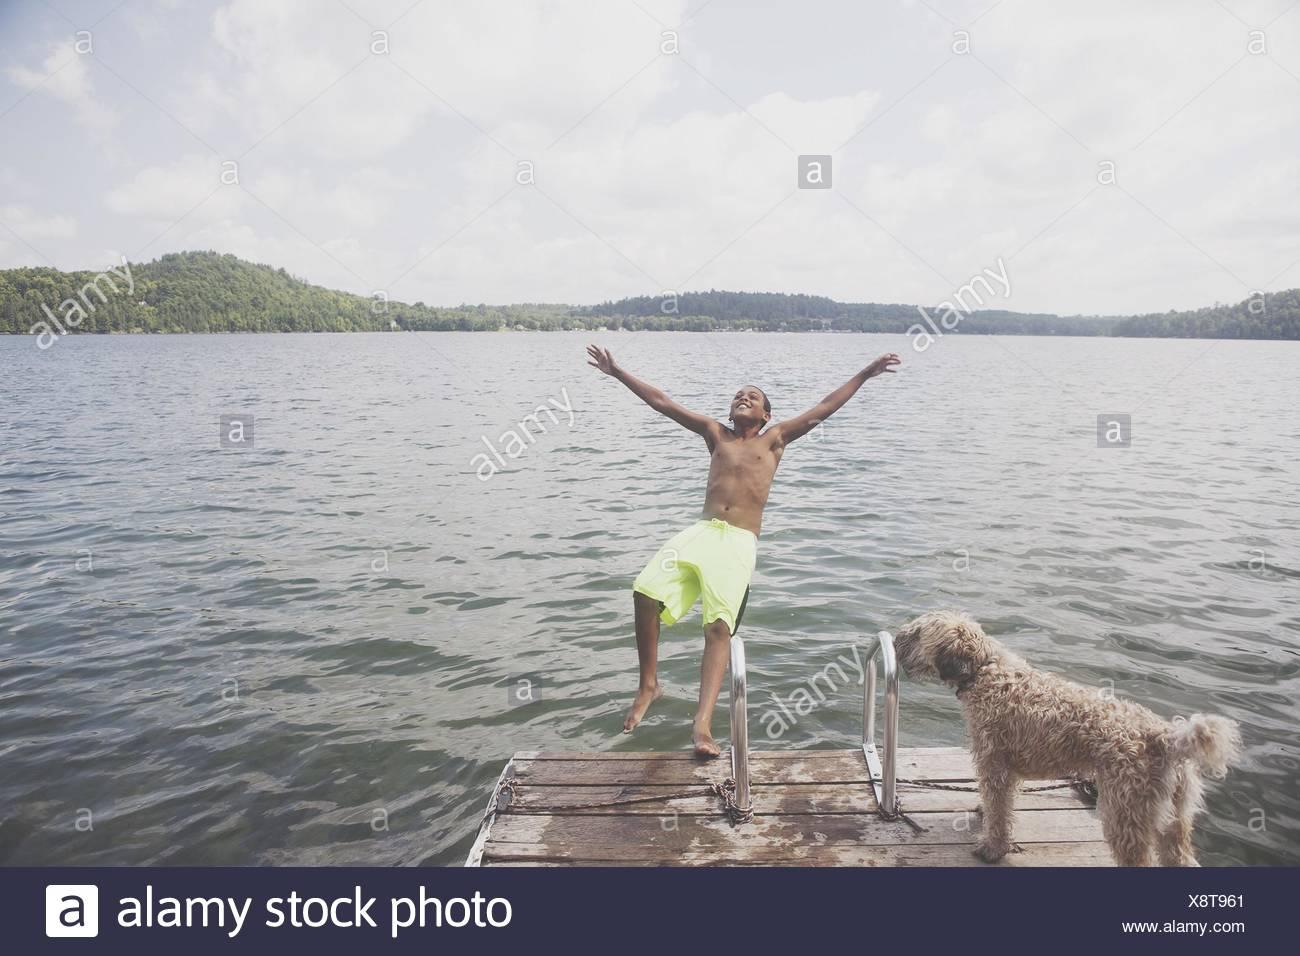 Ragazzo giocando con il cane da acqua Immagini Stock